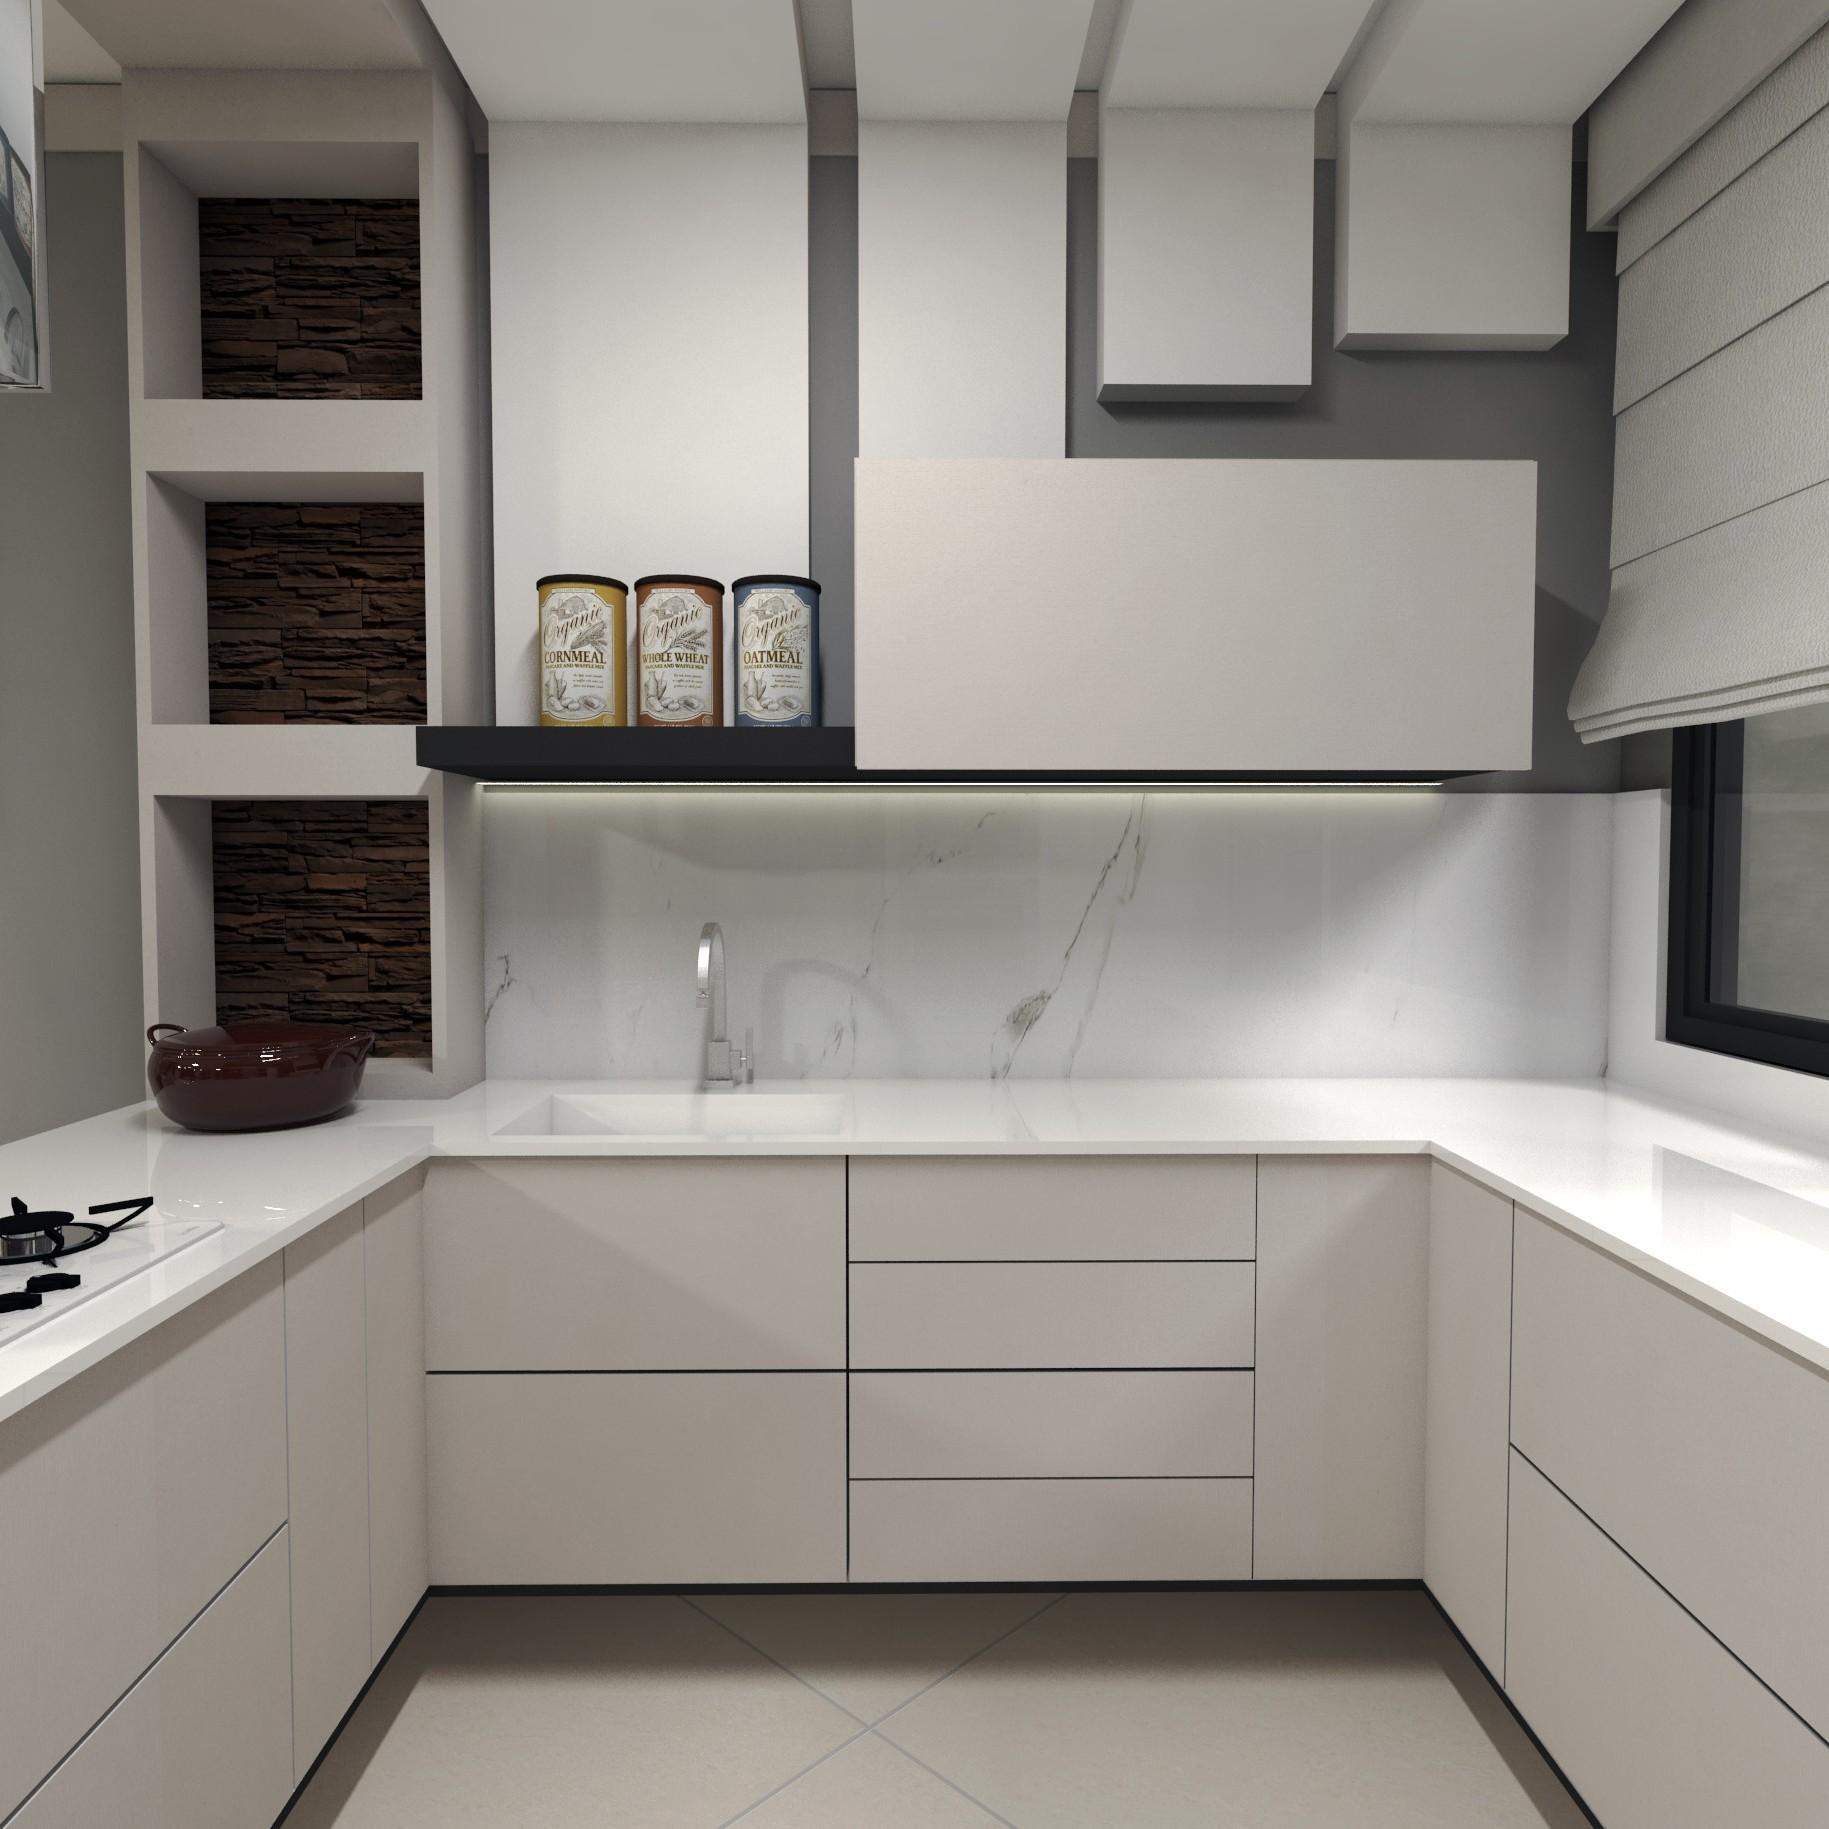 Projeto para o térreo com os ambientes integrados para a casa do casal Priscila e Ricardo em Pinhais PR Projeto e imagens por Estúdio Murilo Zadulski design de interiores img11